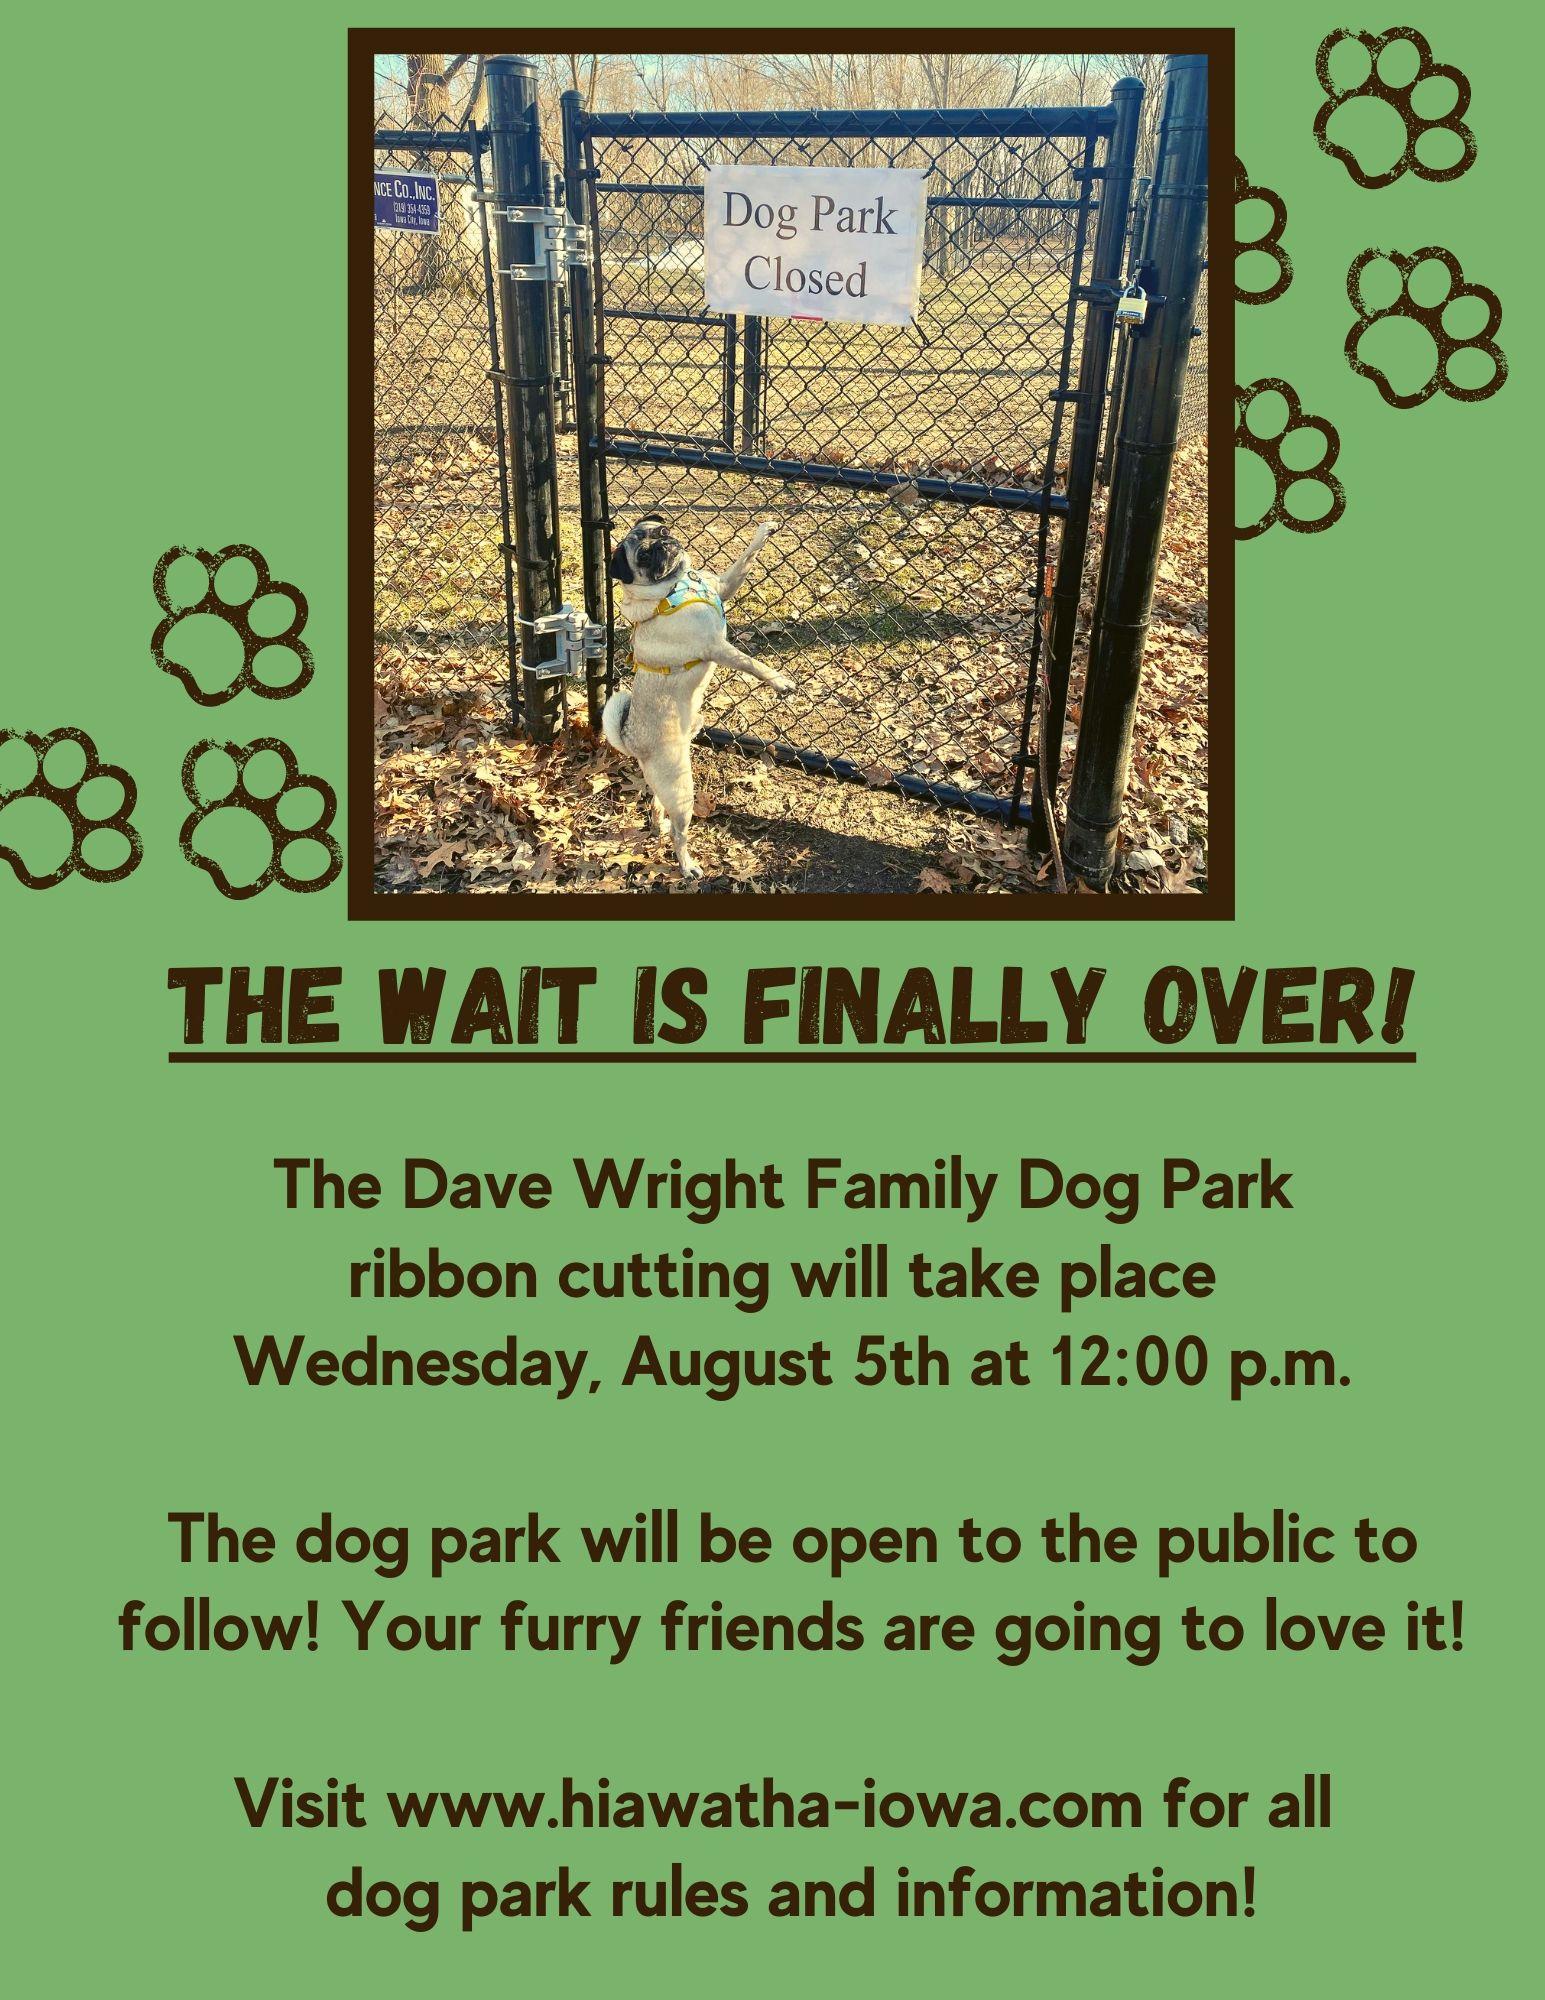 dog park opening